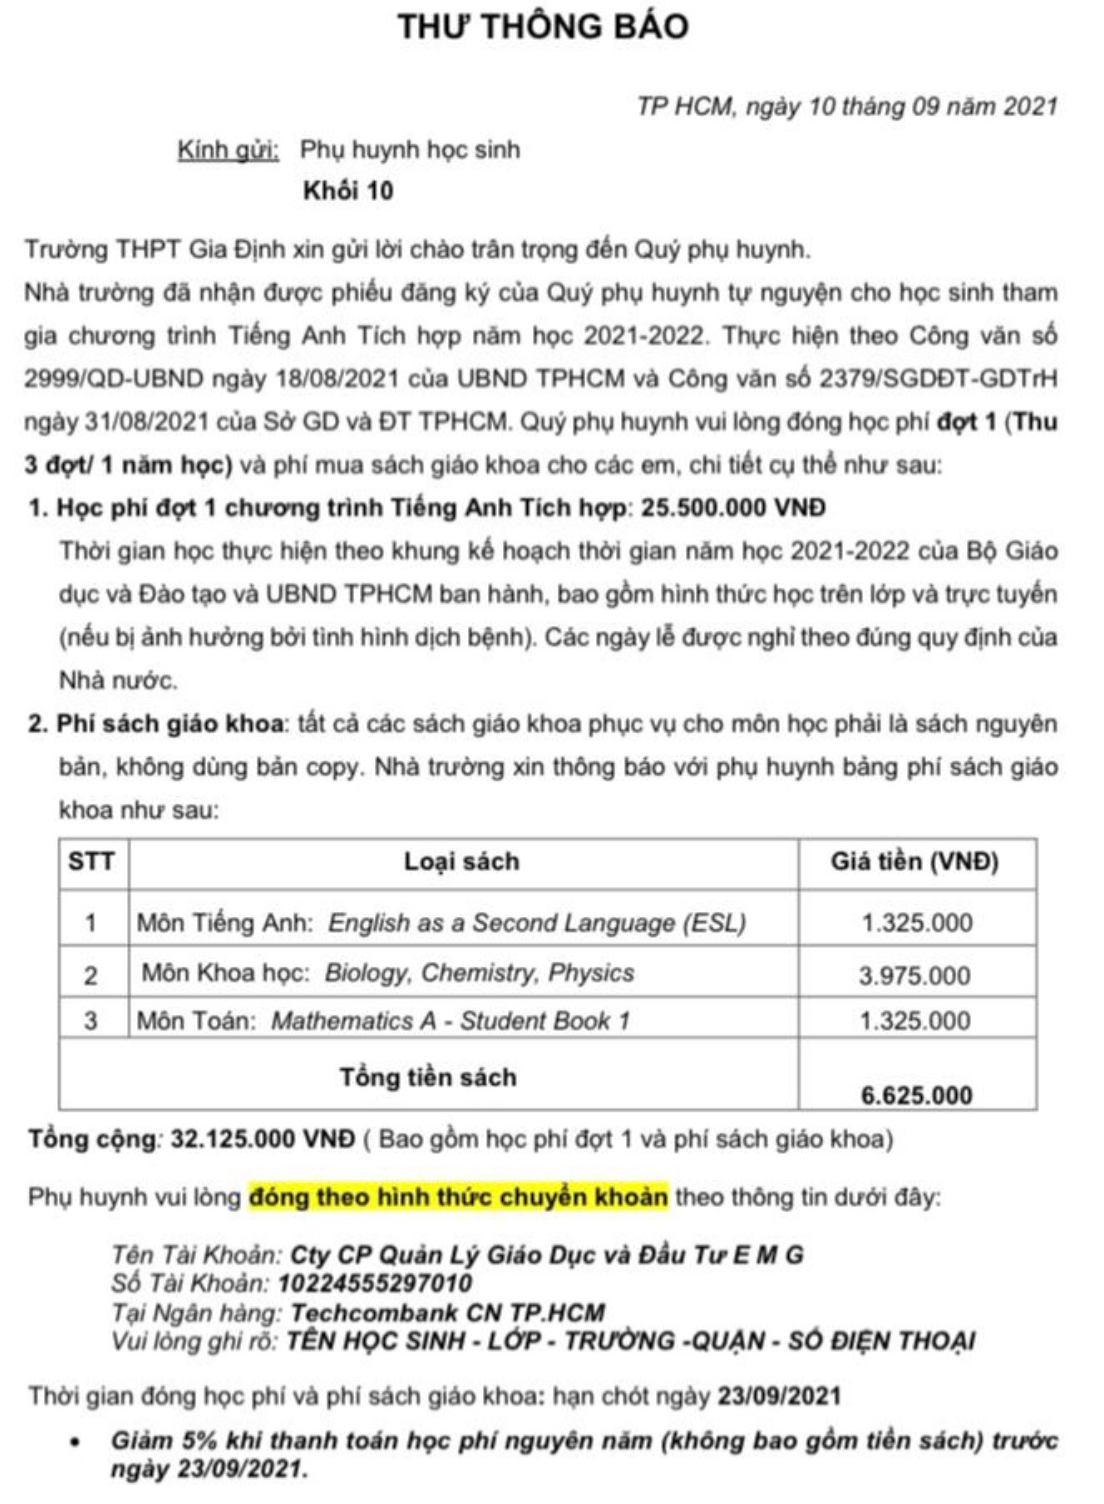 TP.HCM: Phụ huynh bức xúc tiền học phí chương trình tiếng Anh tích hợp - Ảnh 2.